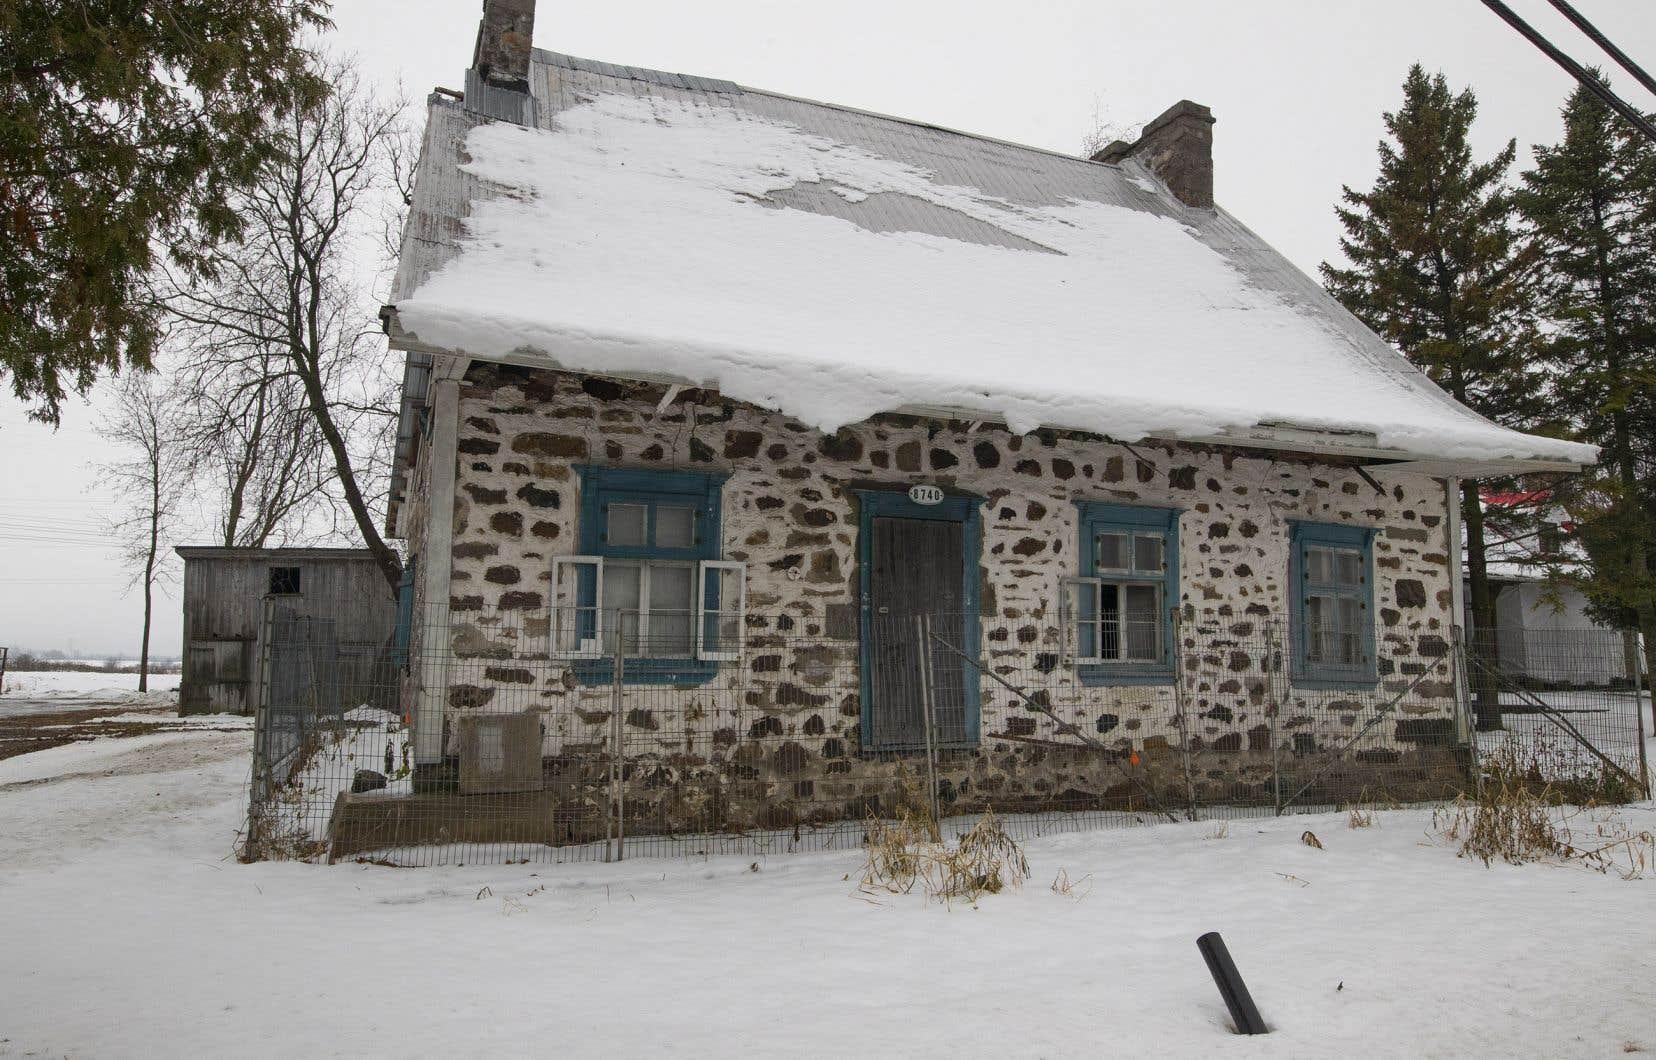 Malgré son inscription au registre des biens culturels du Québec depuis 1977 et les demandes de restauration du ministère de la Culture au propriétaire, la maison Charbonneau, immeuble patrimonial, se dégrade en raison de l'inaction des deux acteurs.